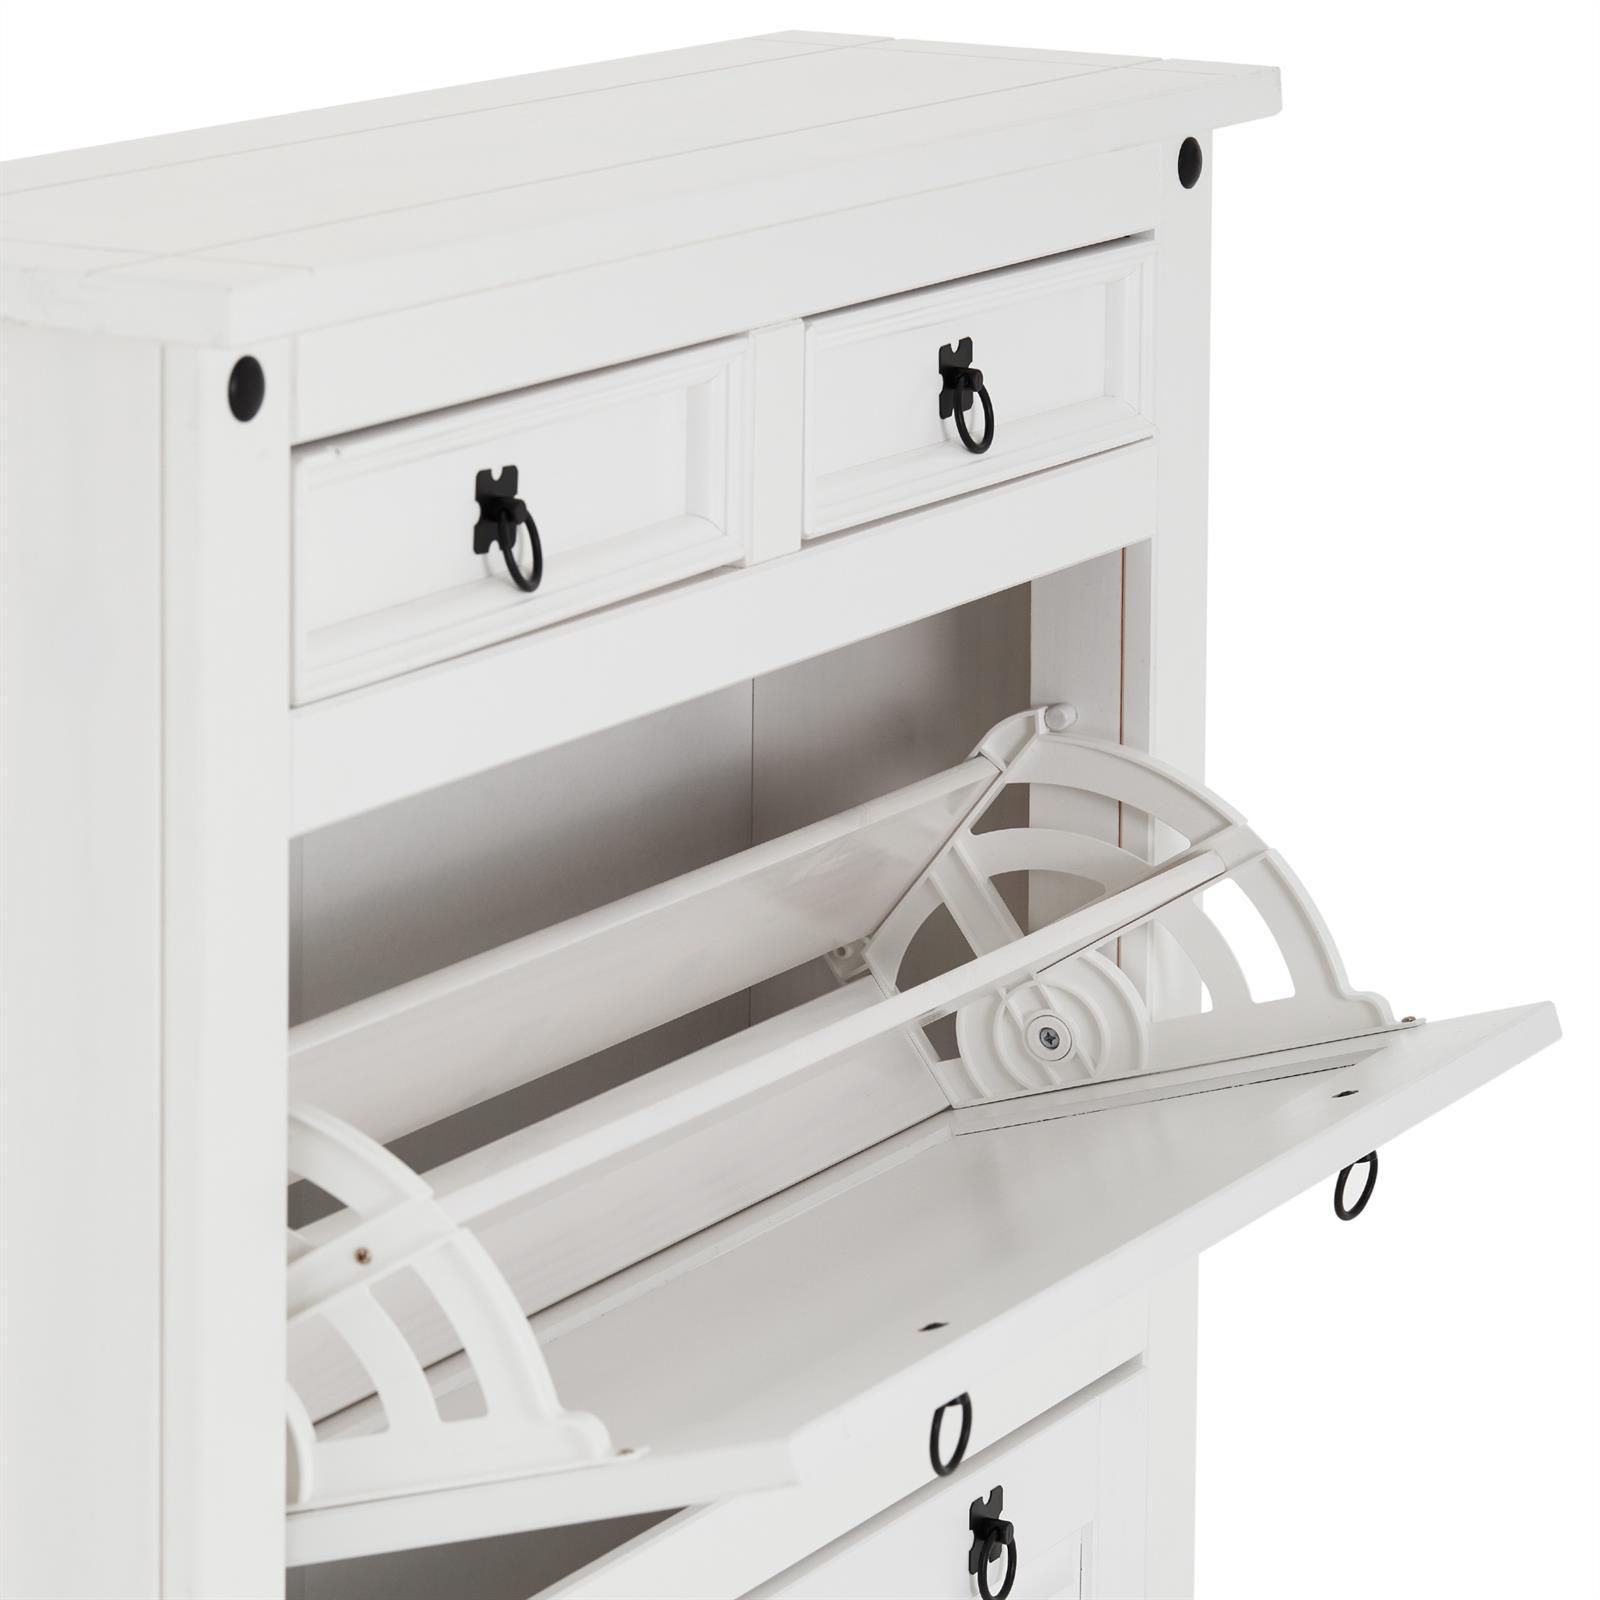 mexiko m bel schuhkipper schuh schrank kommode 2 klappe schublade kiefer massiv ebay. Black Bedroom Furniture Sets. Home Design Ideas